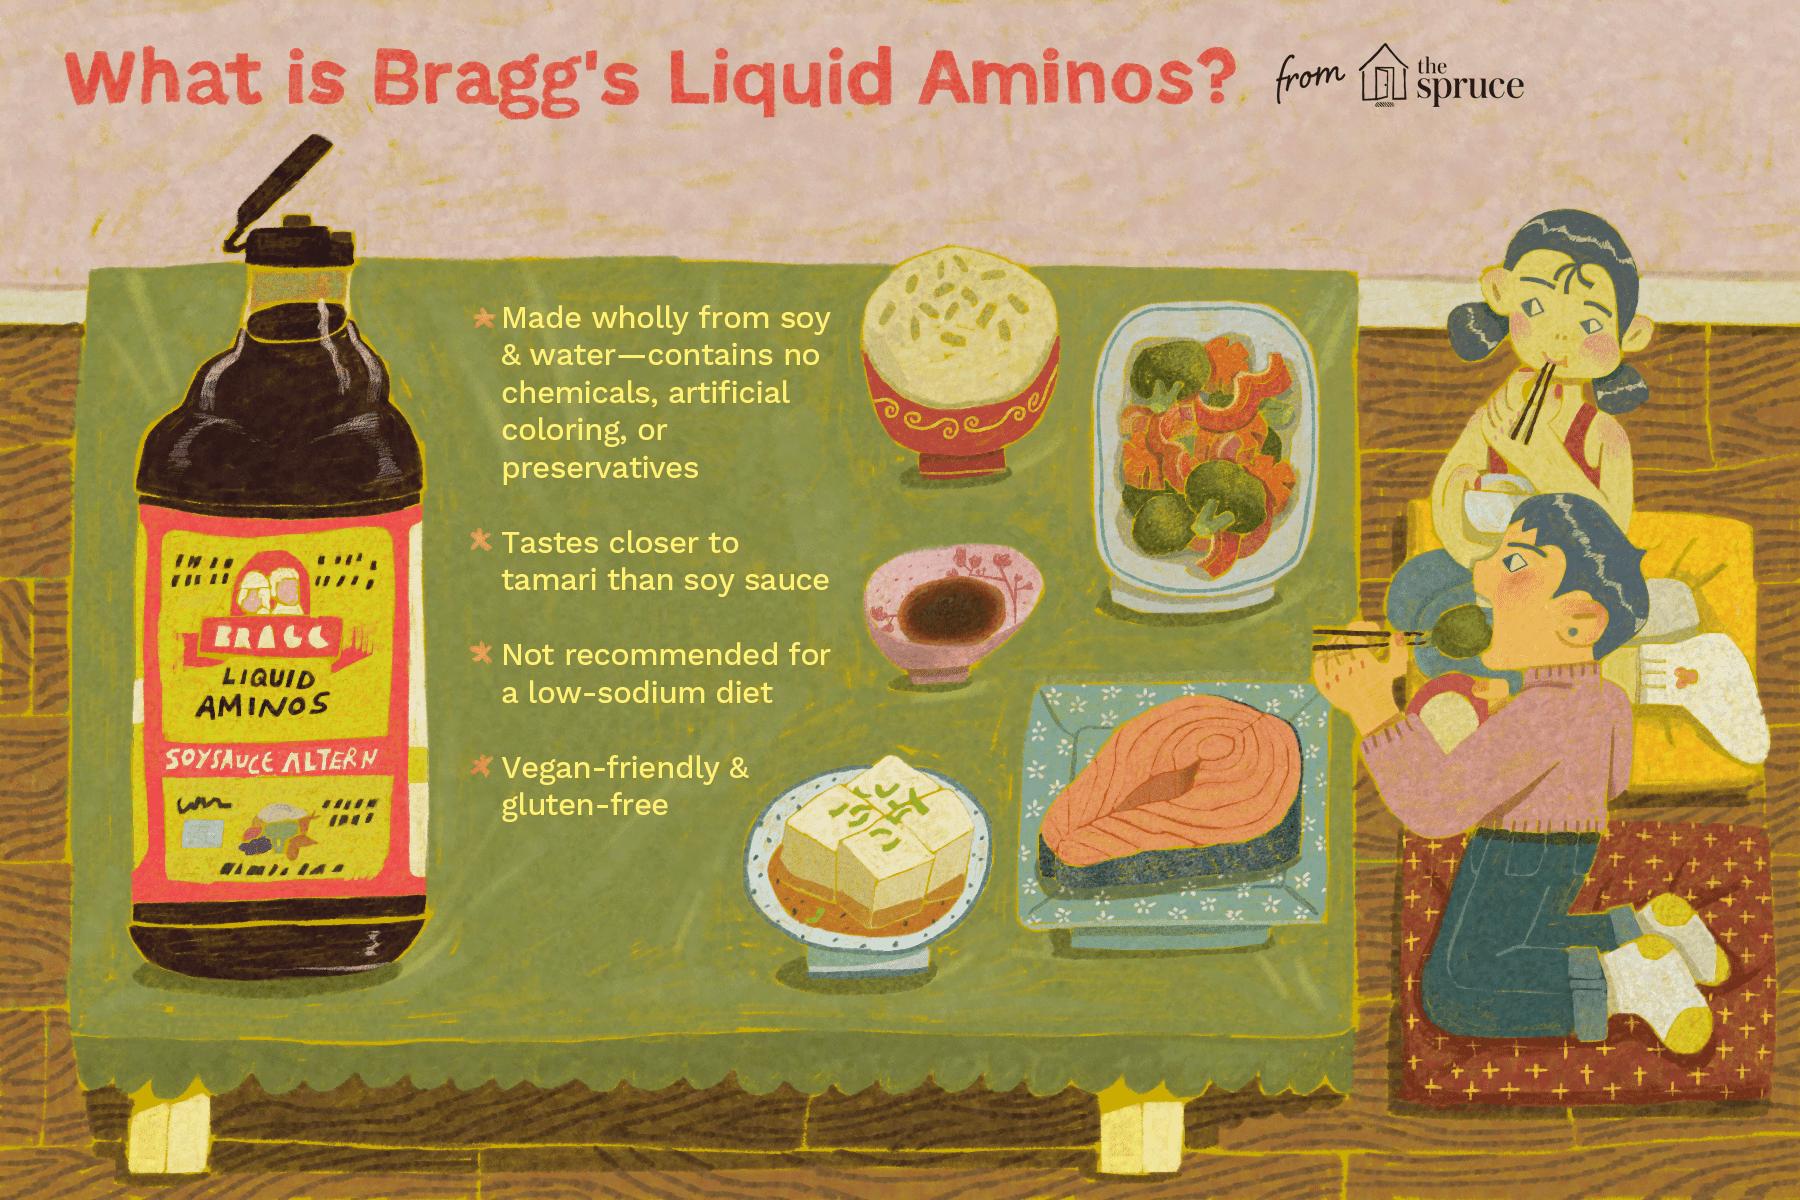 Bragg's Liquid Aminos illustration